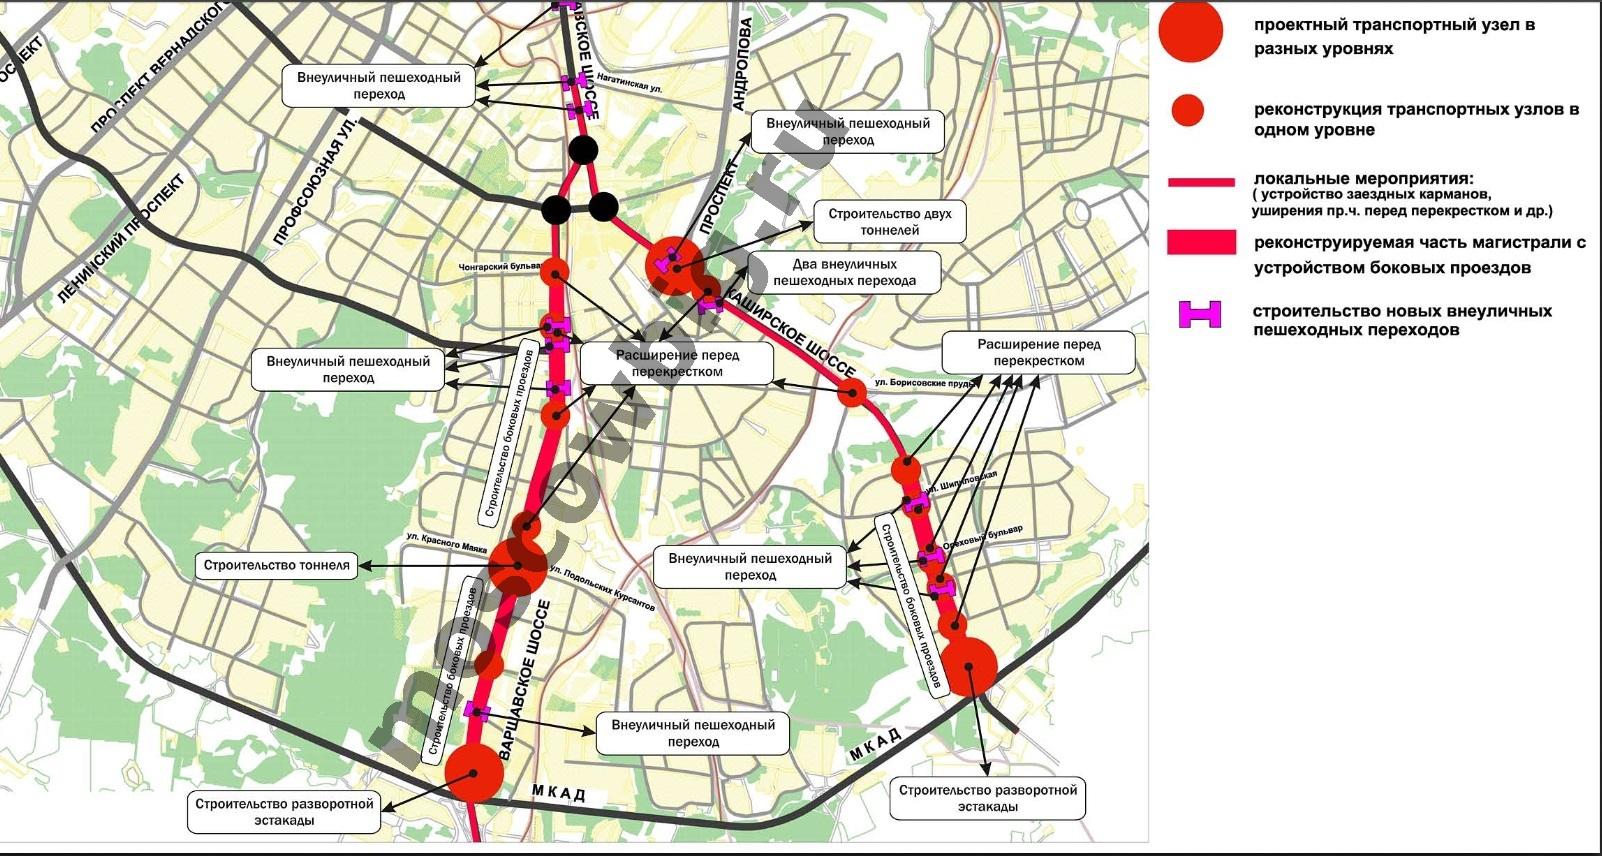 Схема плана реконструкции варшавского шоссе